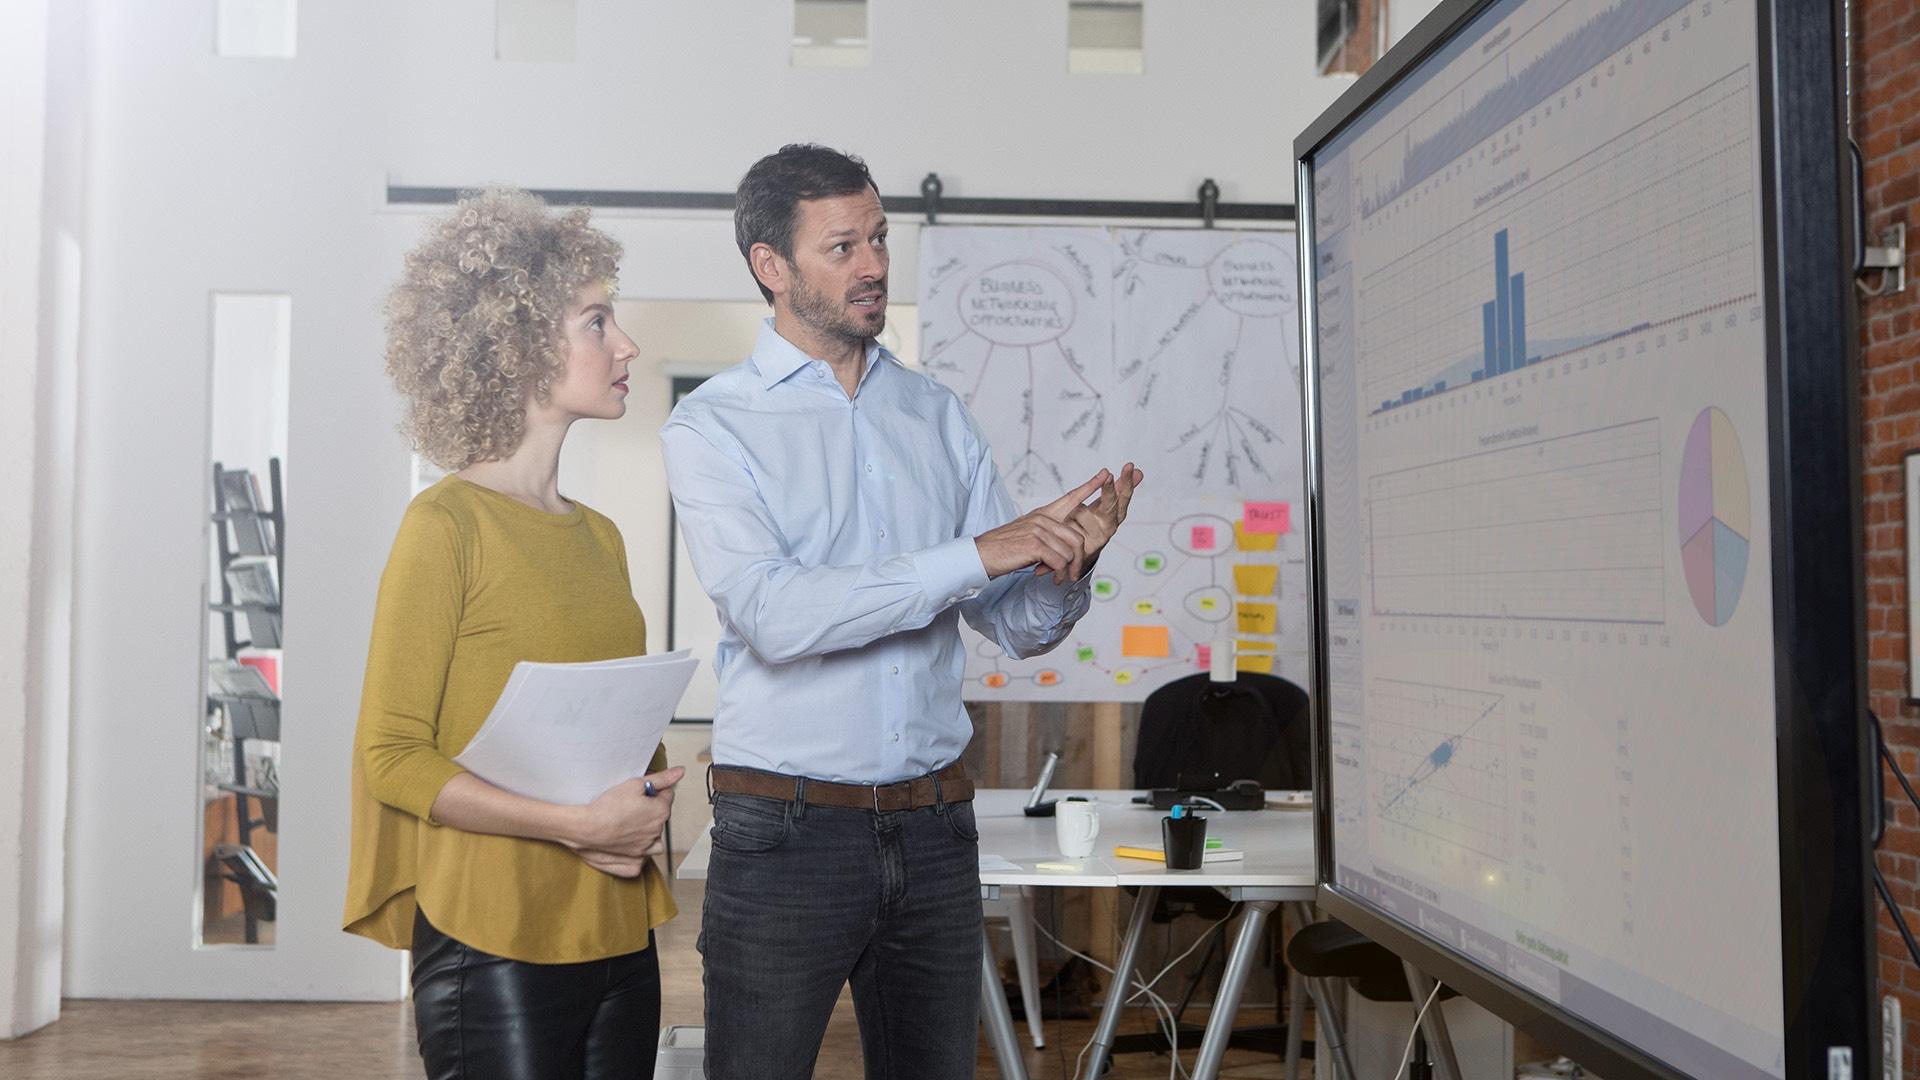 Banking data warehousing